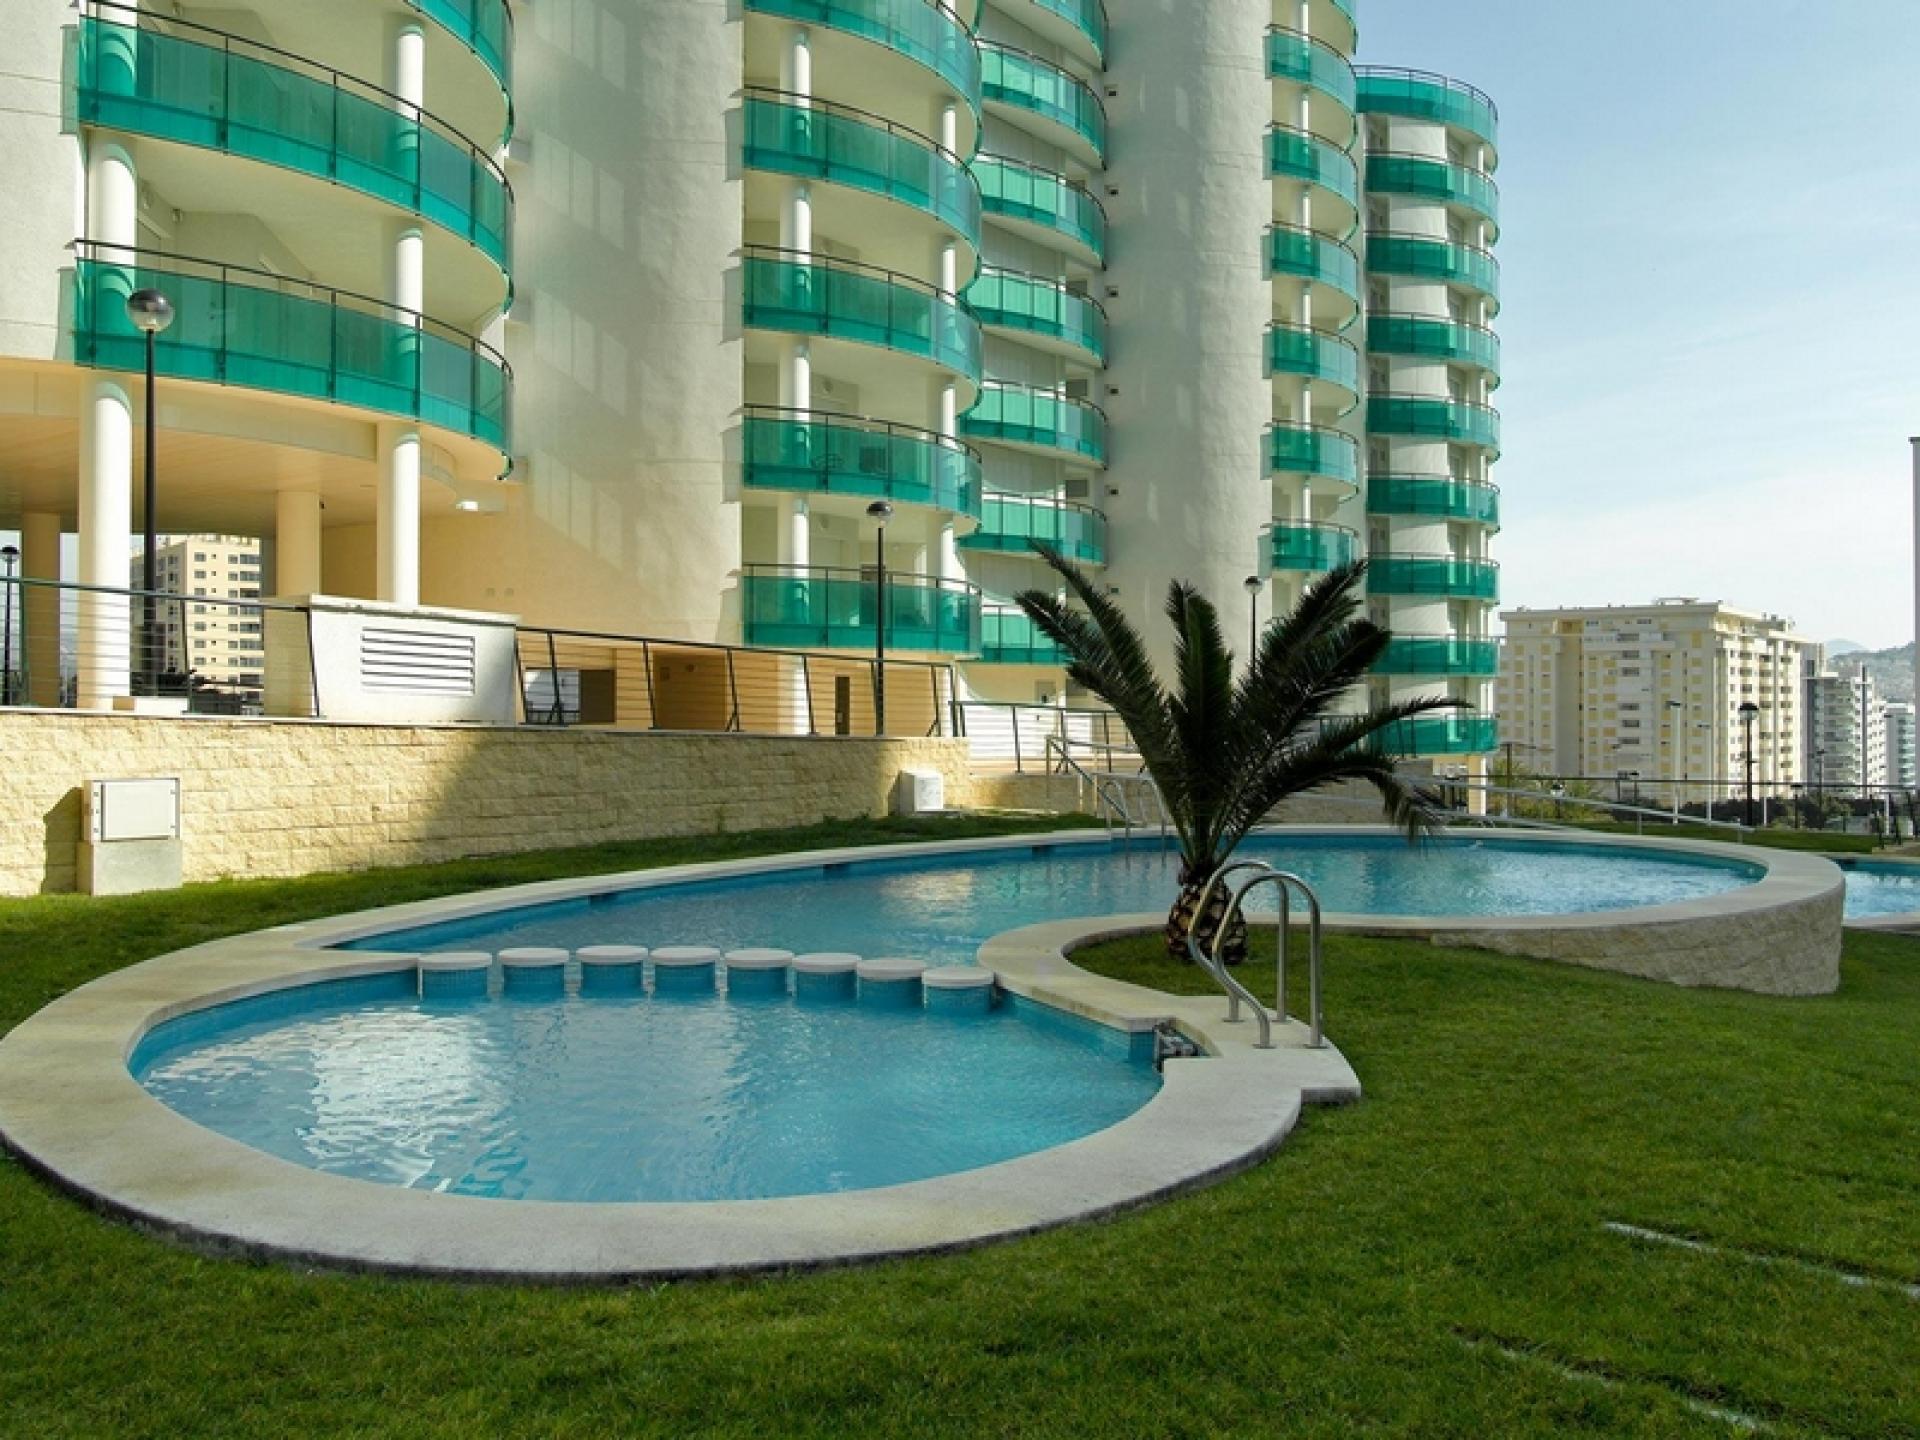 Vila Park - Cala Finestrat, Benidorm, Costa Blanca Noord